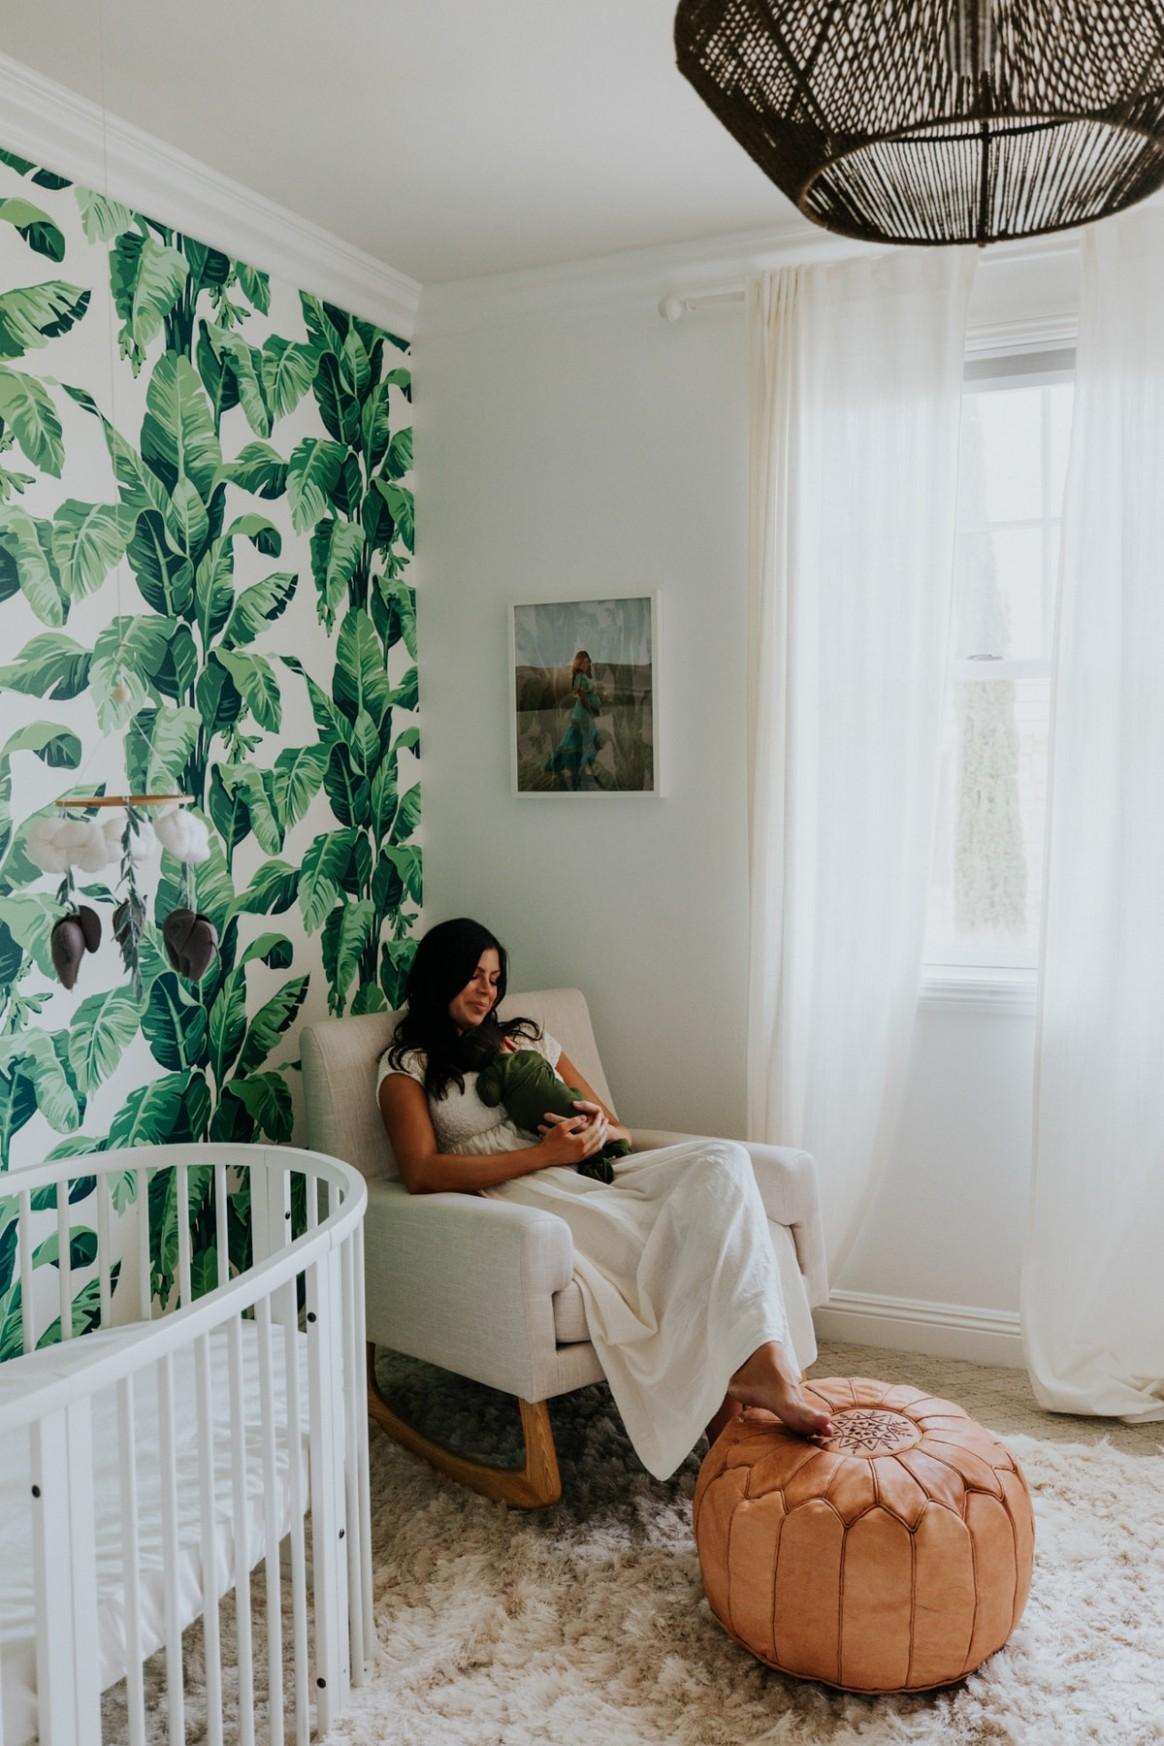 Baby room ideas: a girl nursery and a boy nursery - Mint Arrow - Baby Room For Boy